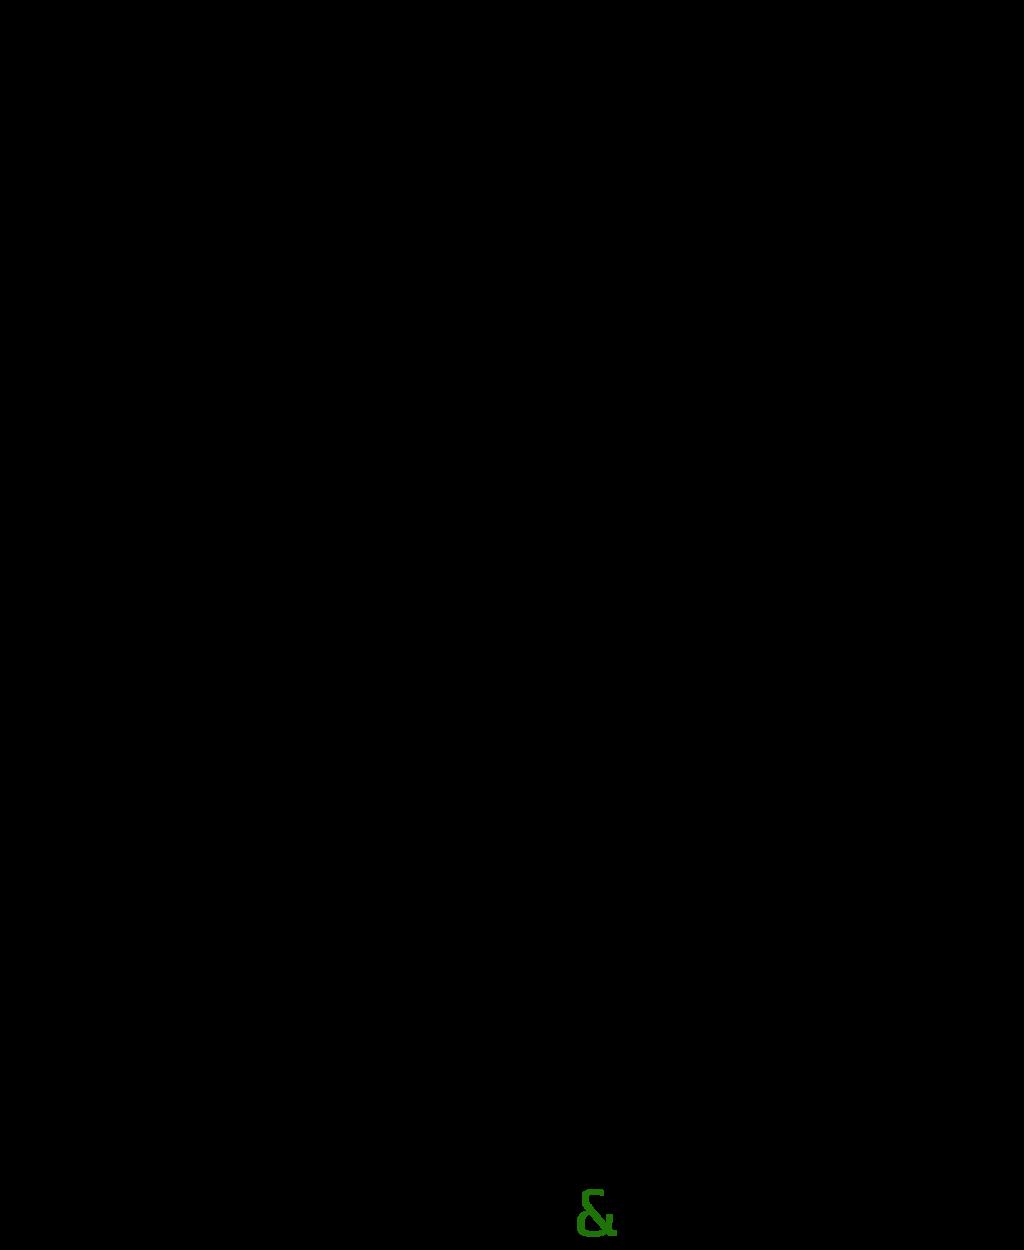 logo-estudiante-1